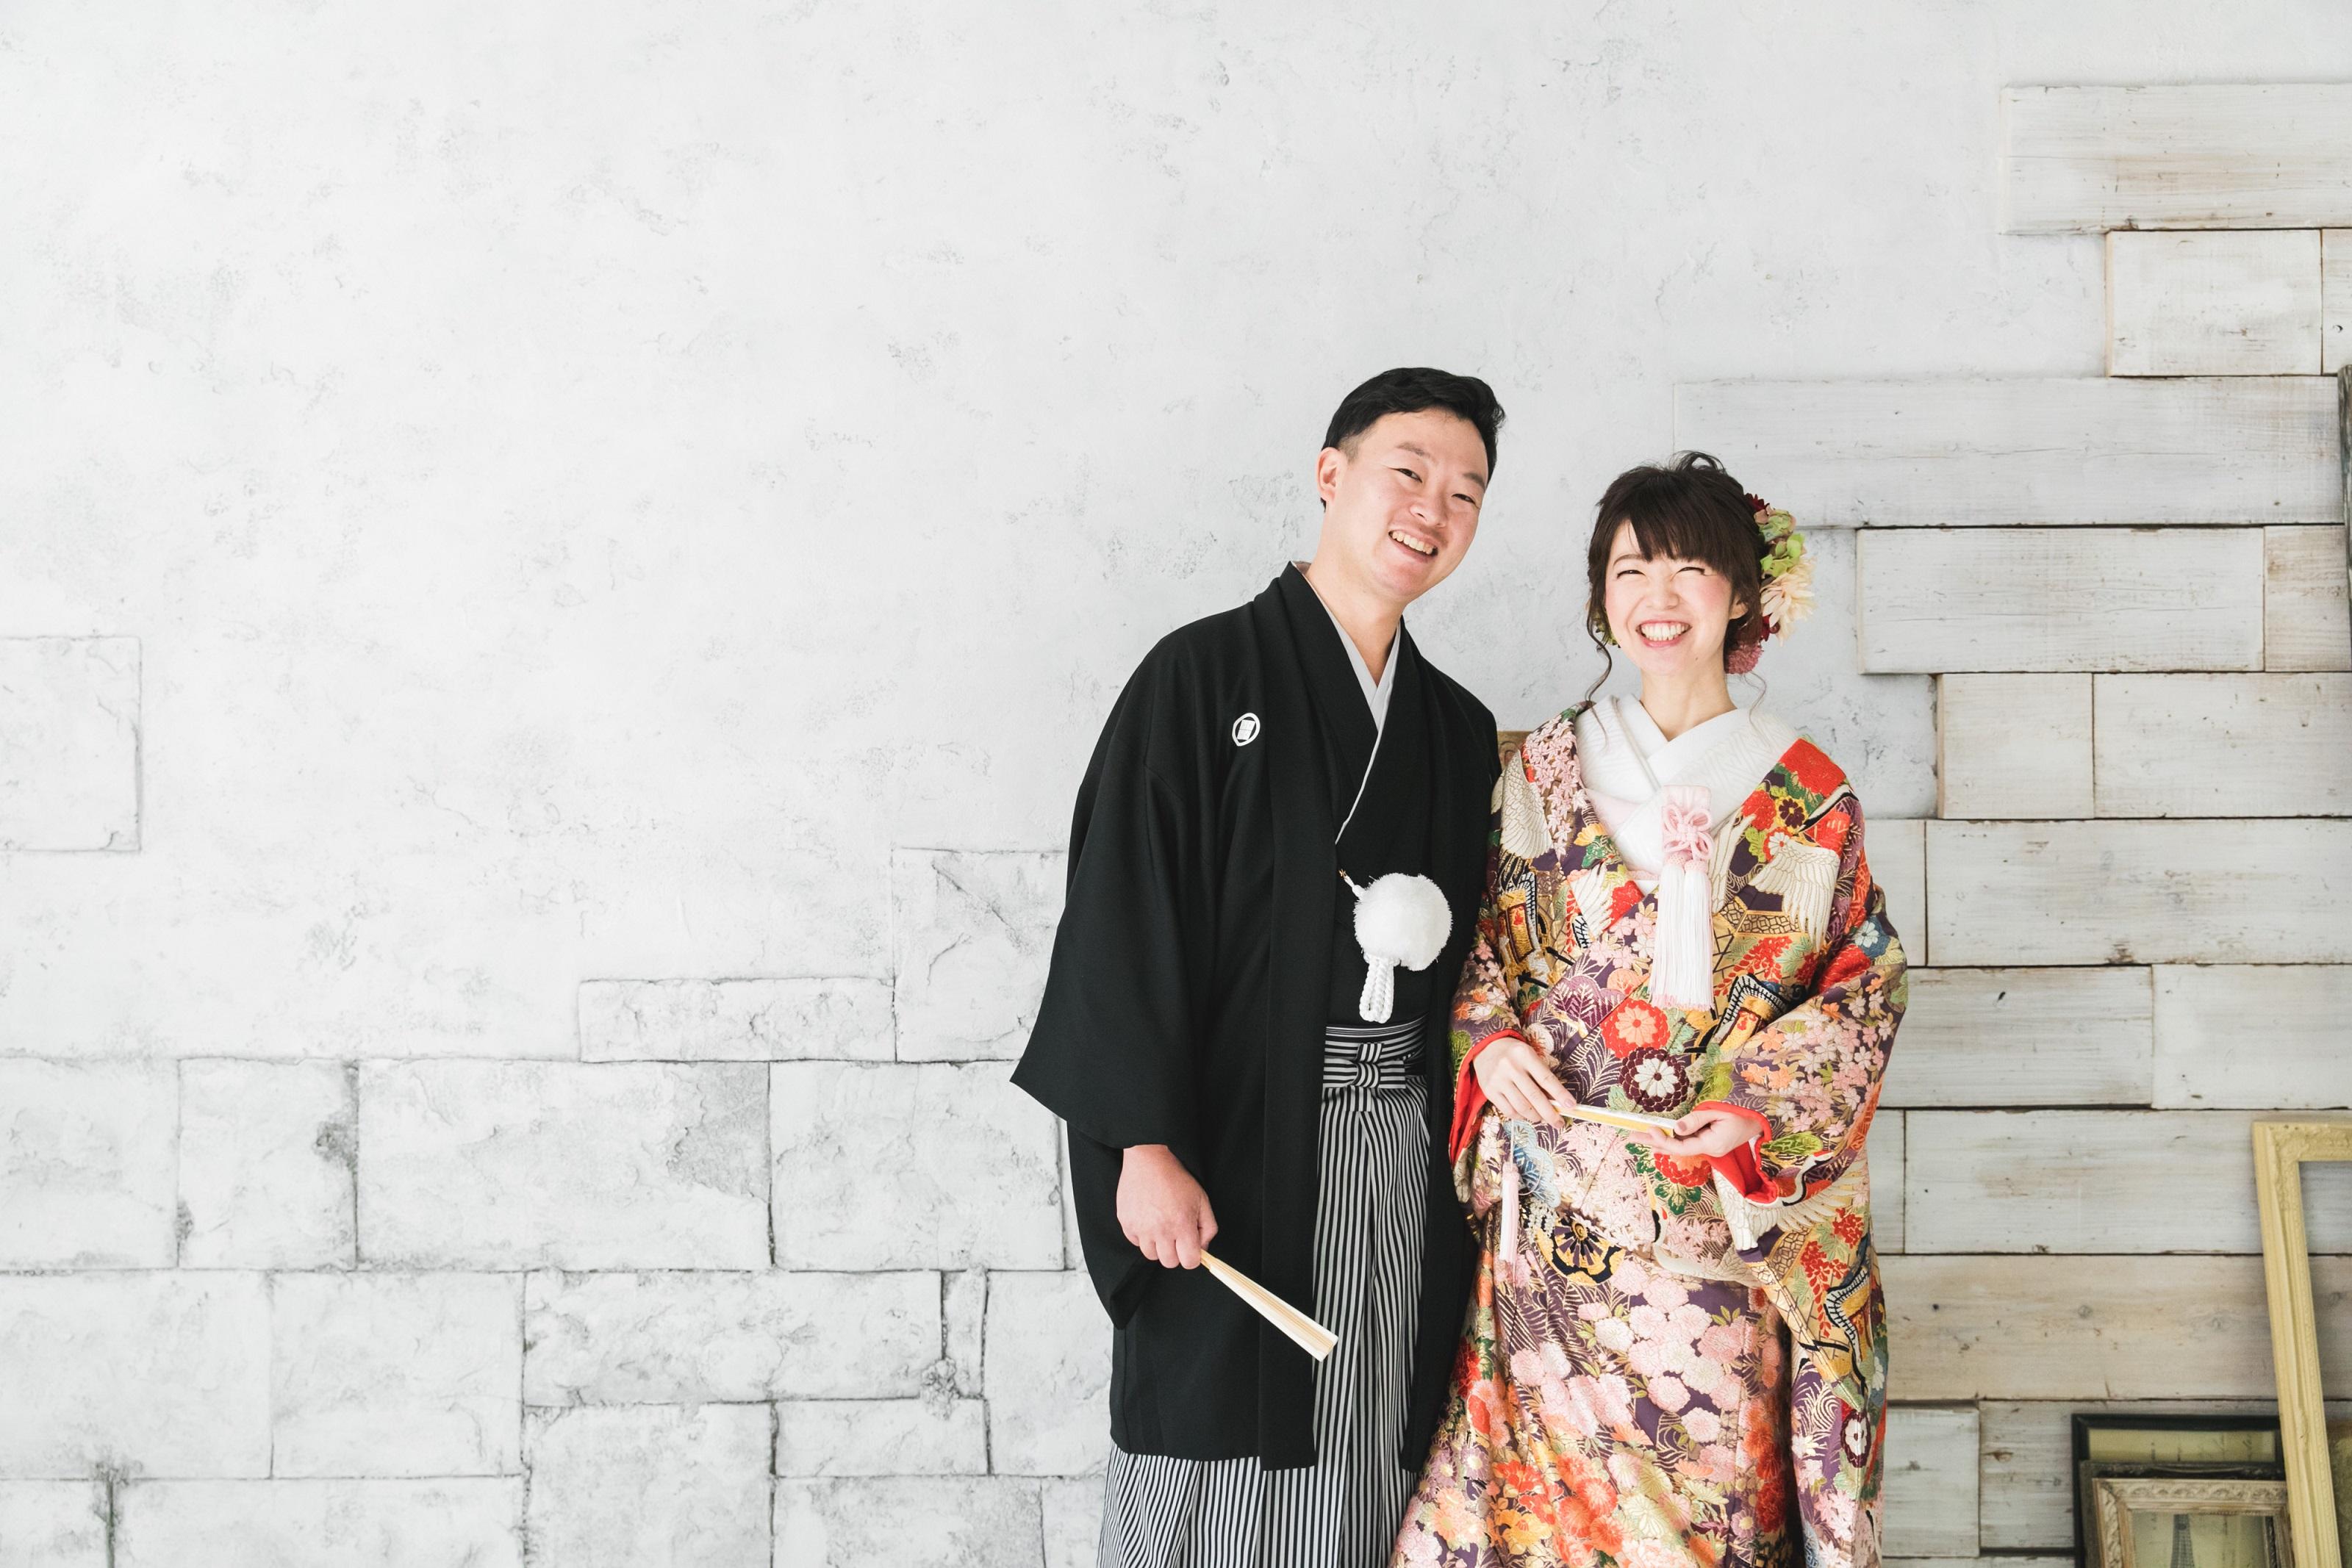 和装スタジオ前撮り 2019.8.3 写真